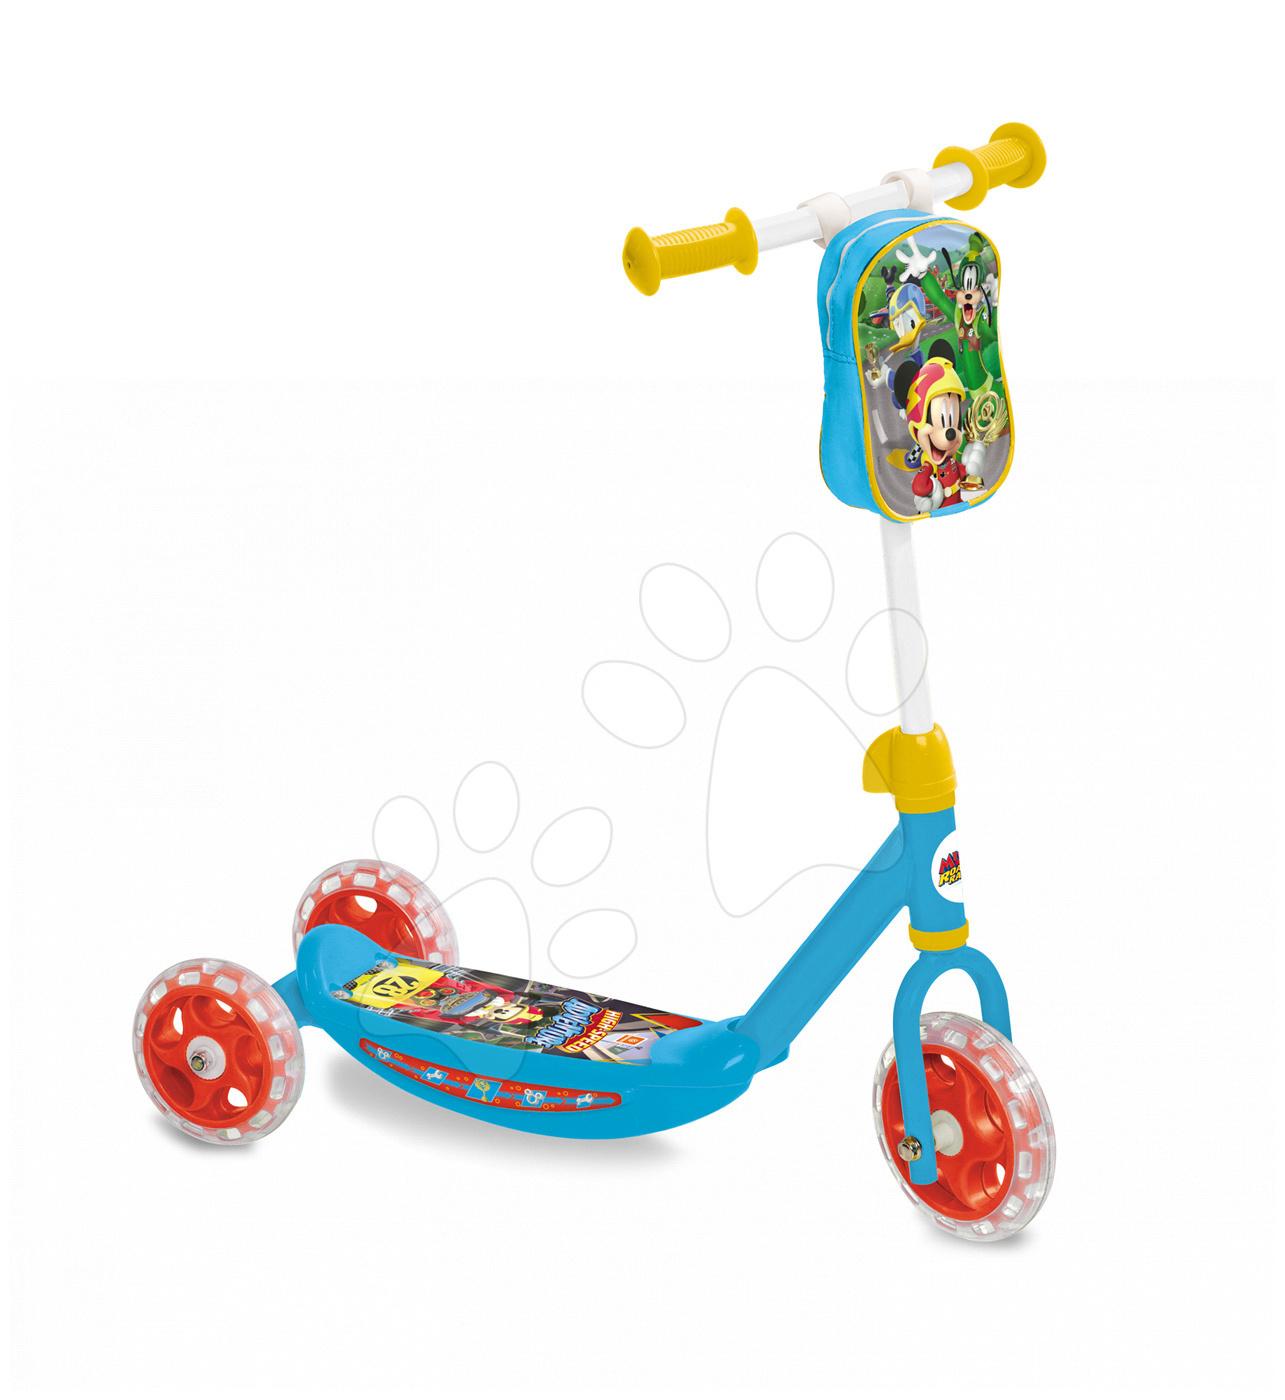 Koloběžka Mickey Mondo s taškou tříkolová